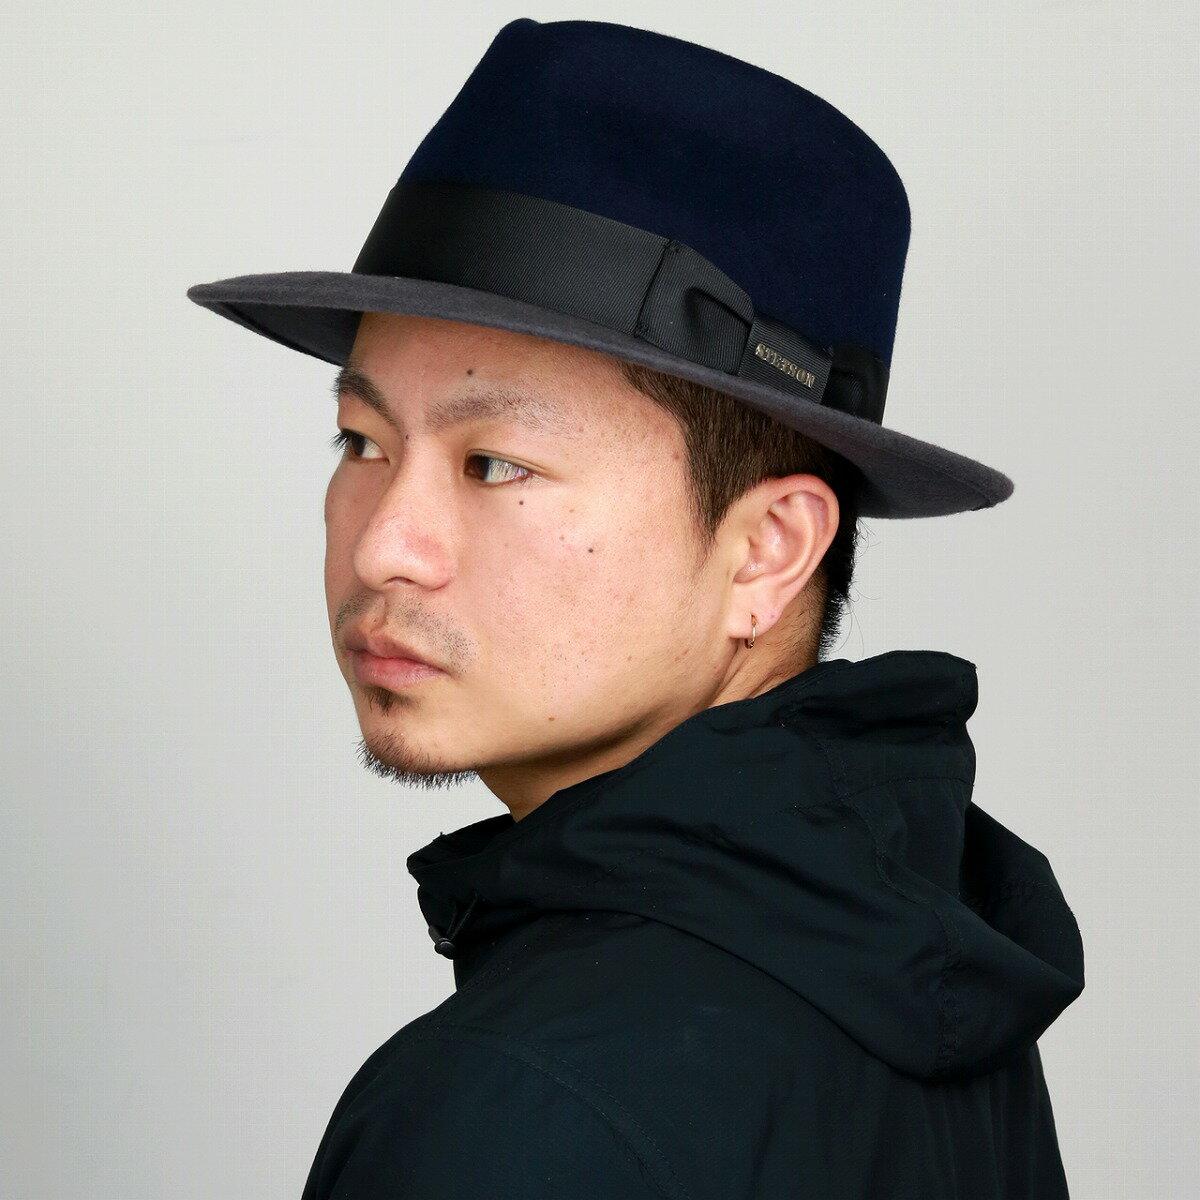 中折れハット ハット 帽子 メンズ 2トーンカラー STETSON インポート ハット 秋冬 フェルトハット メンズ ウール ステットソン ネイビー / グレー [ fedora ] stetson 帽子通販 男性 帽子 プレゼント